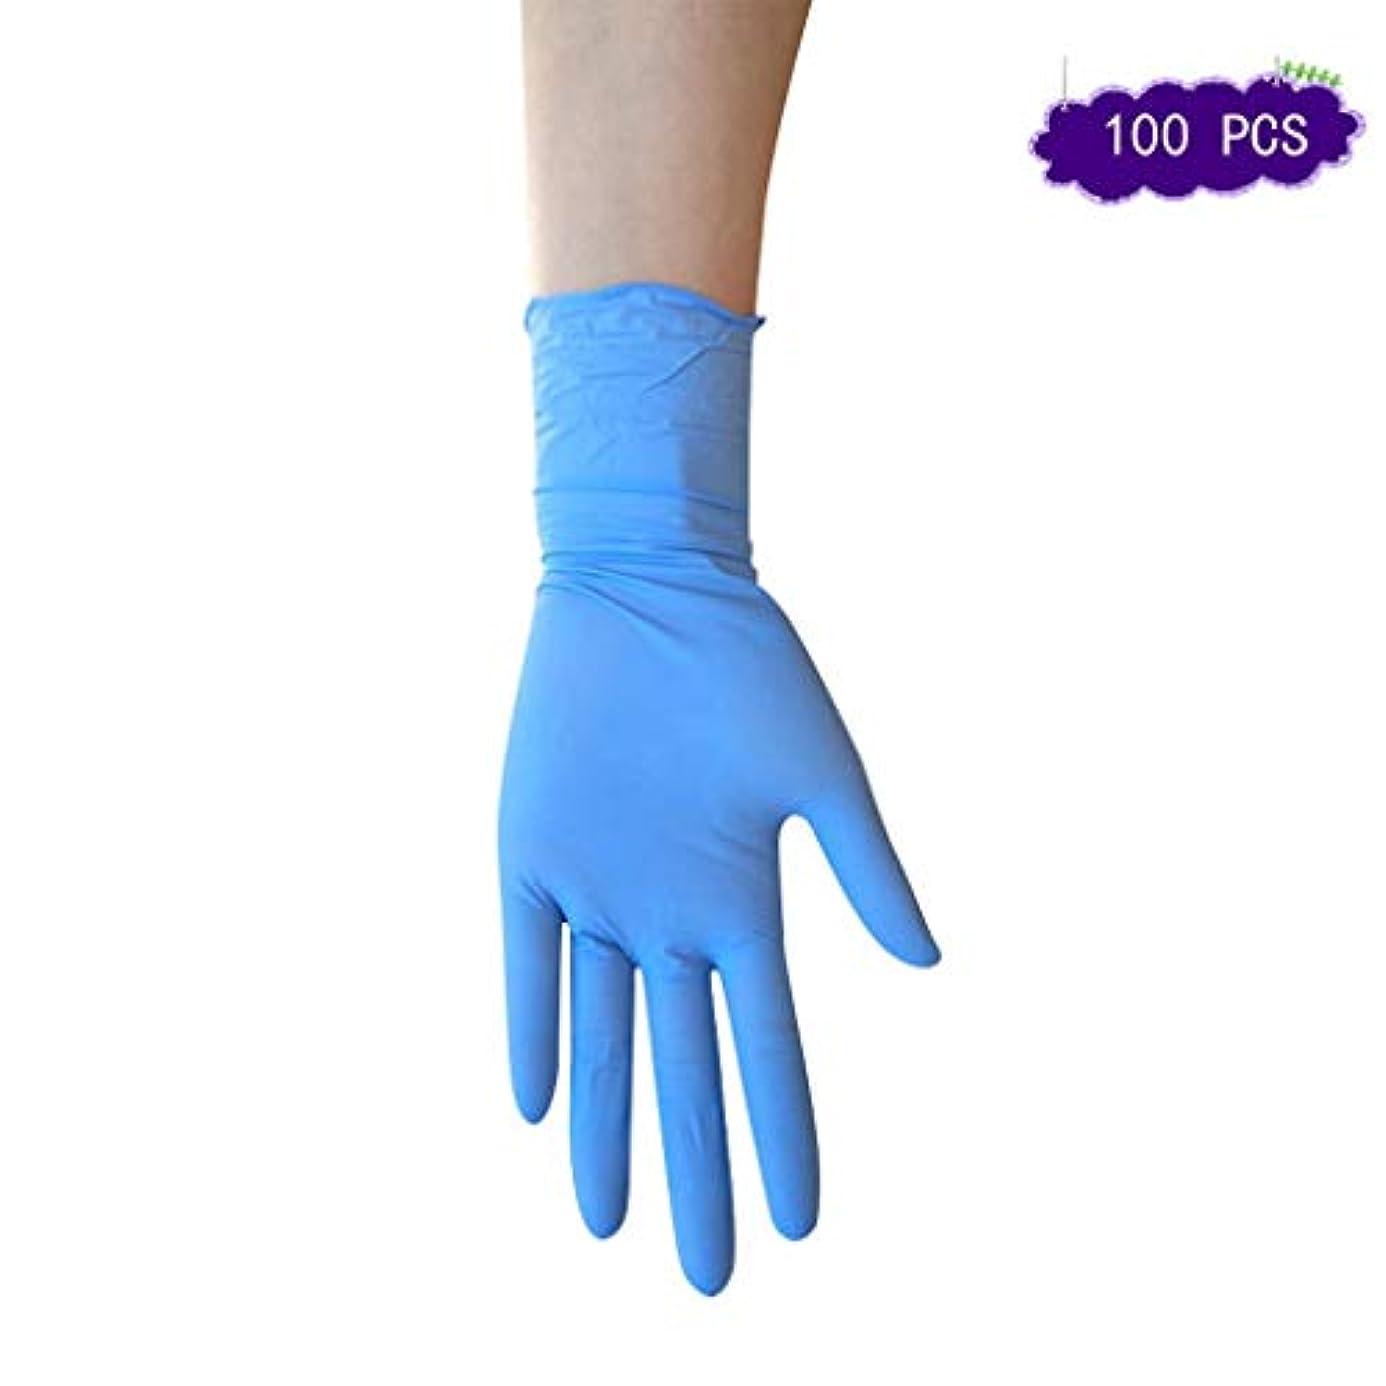 パケット批評逃れる使い捨てラテックス手袋ニトリル低温保護医療滅菌手袋9インチブルースキッド手袋なしパウダー (Color : 9 inch, Size : S)